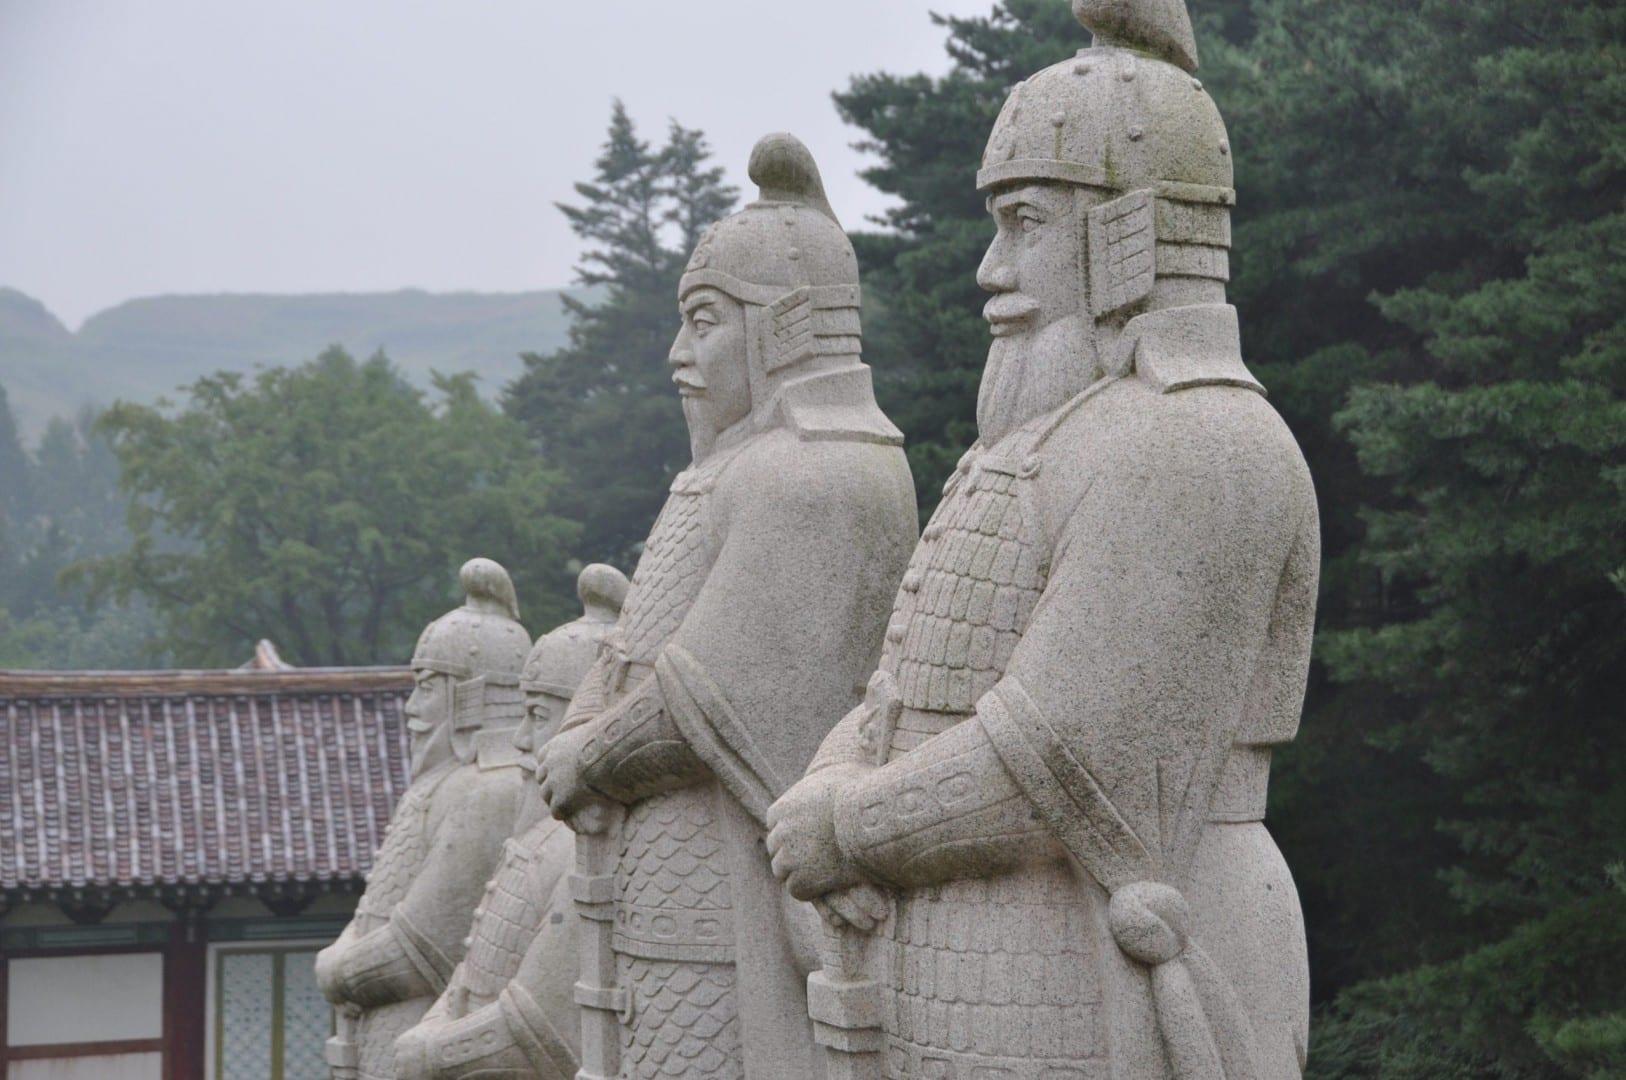 Las estatuas de la tumba del Rey Wanggon, el fundador de la Dinastía Goryeo, en Kaesong... Corea del Norte